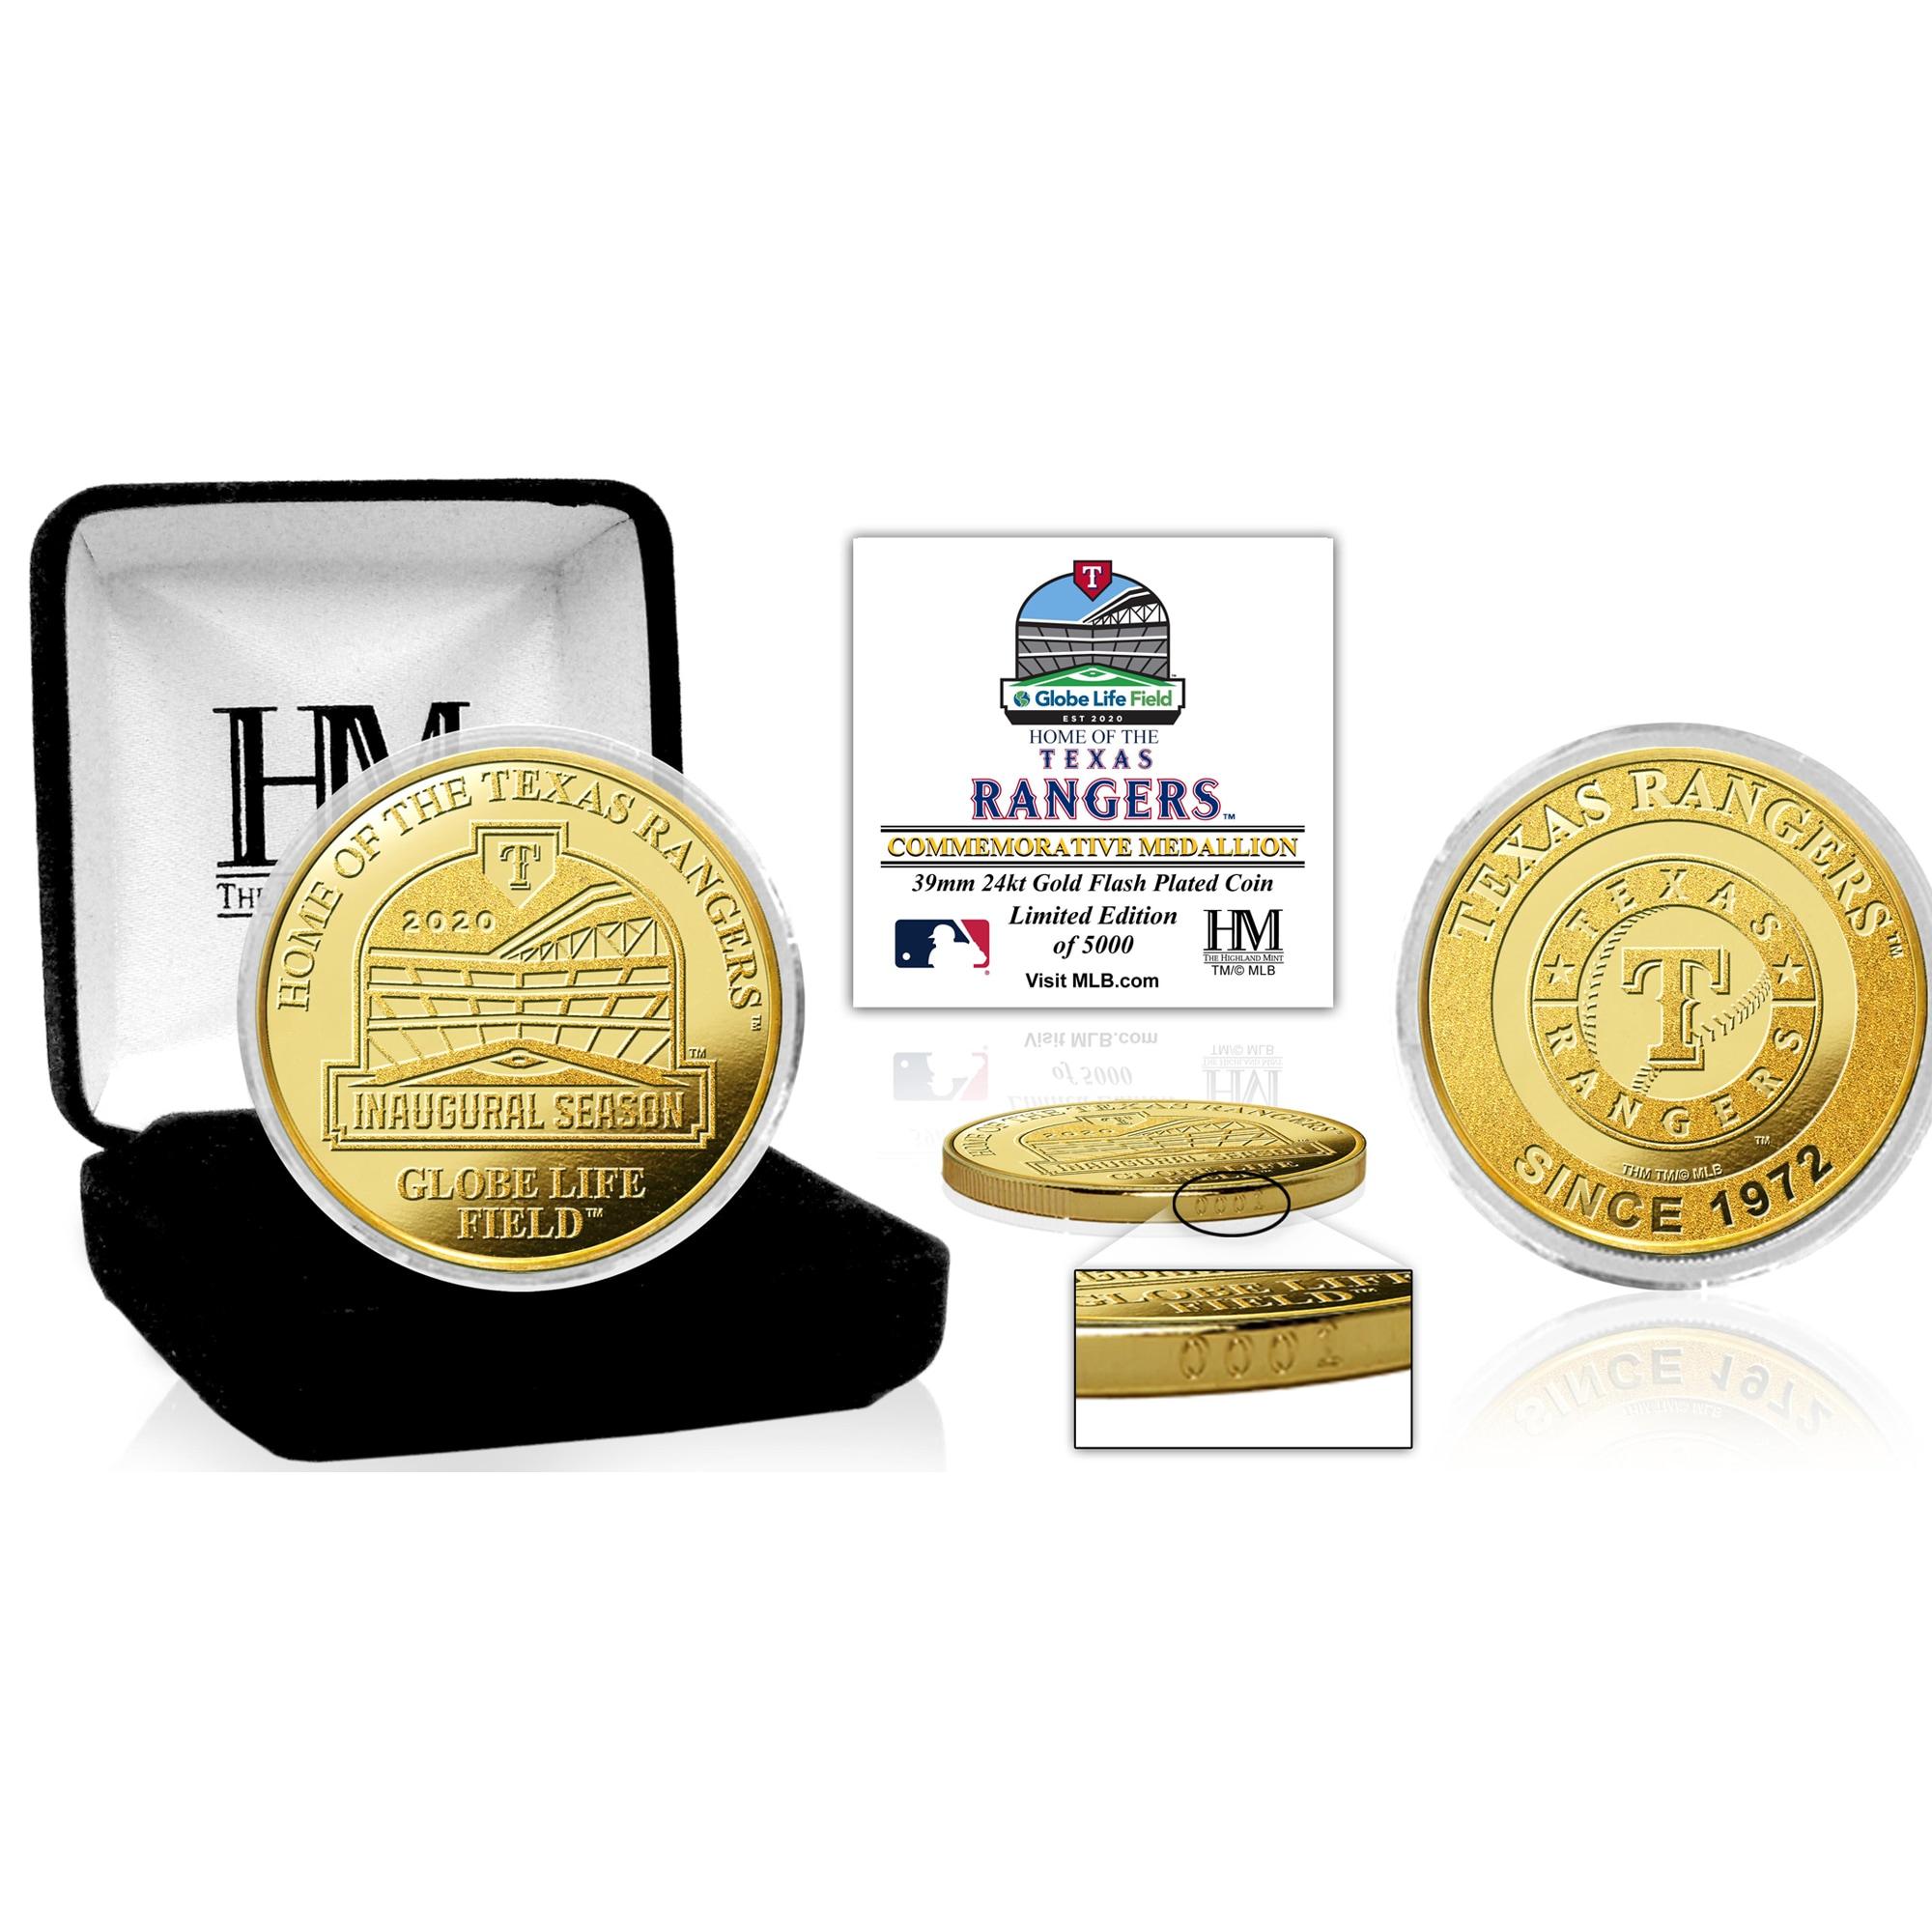 Texas Rangers Highland Mint Stadium Gold Mint Coin